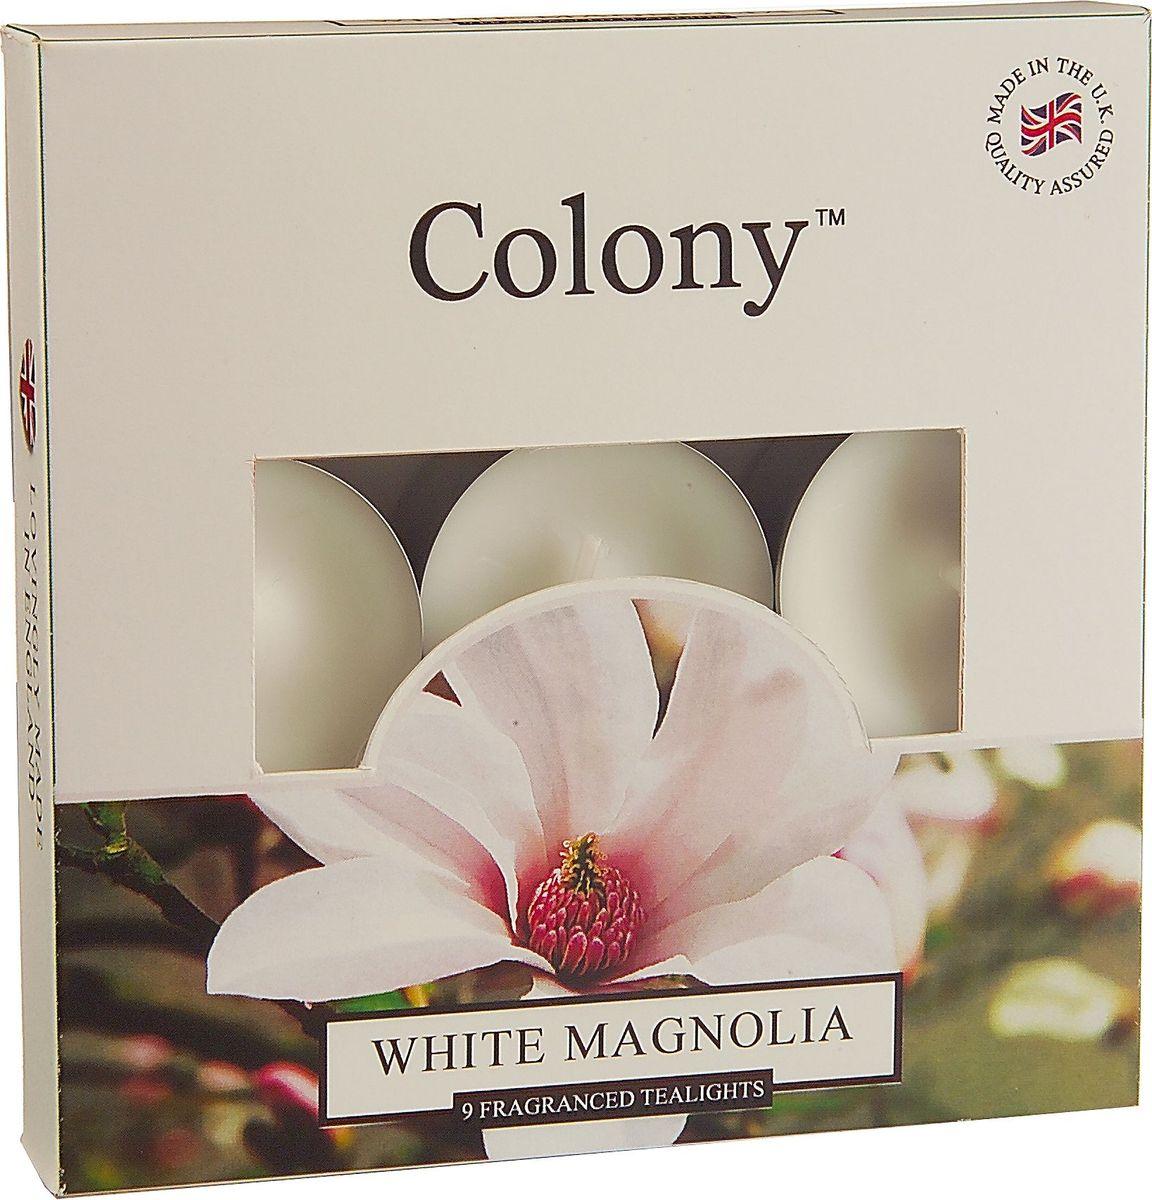 Свеча чайная Wax Lyrical Белая магнолия, ароматическая, 9 штCH0104Набор ароматических чайных свечей Wax Lyrical Белая магнолия. Невероятно богатый,изумительно красивый цветочный букет из белой магнолии, гардении, фрезии, розовой сирени ибутонов розы на основе ароматов персика, сандала, деликатных специй и чувственного мускуса. Как пользоваться свечами? Перед каждым зажжением свечи подрезайте фитиль, его оптимальная высота 5-6 мм;припервом зажигании, дайте поверхности свечи полностью расплавиться; ставьте зажженную свечу на ровную поверхность.